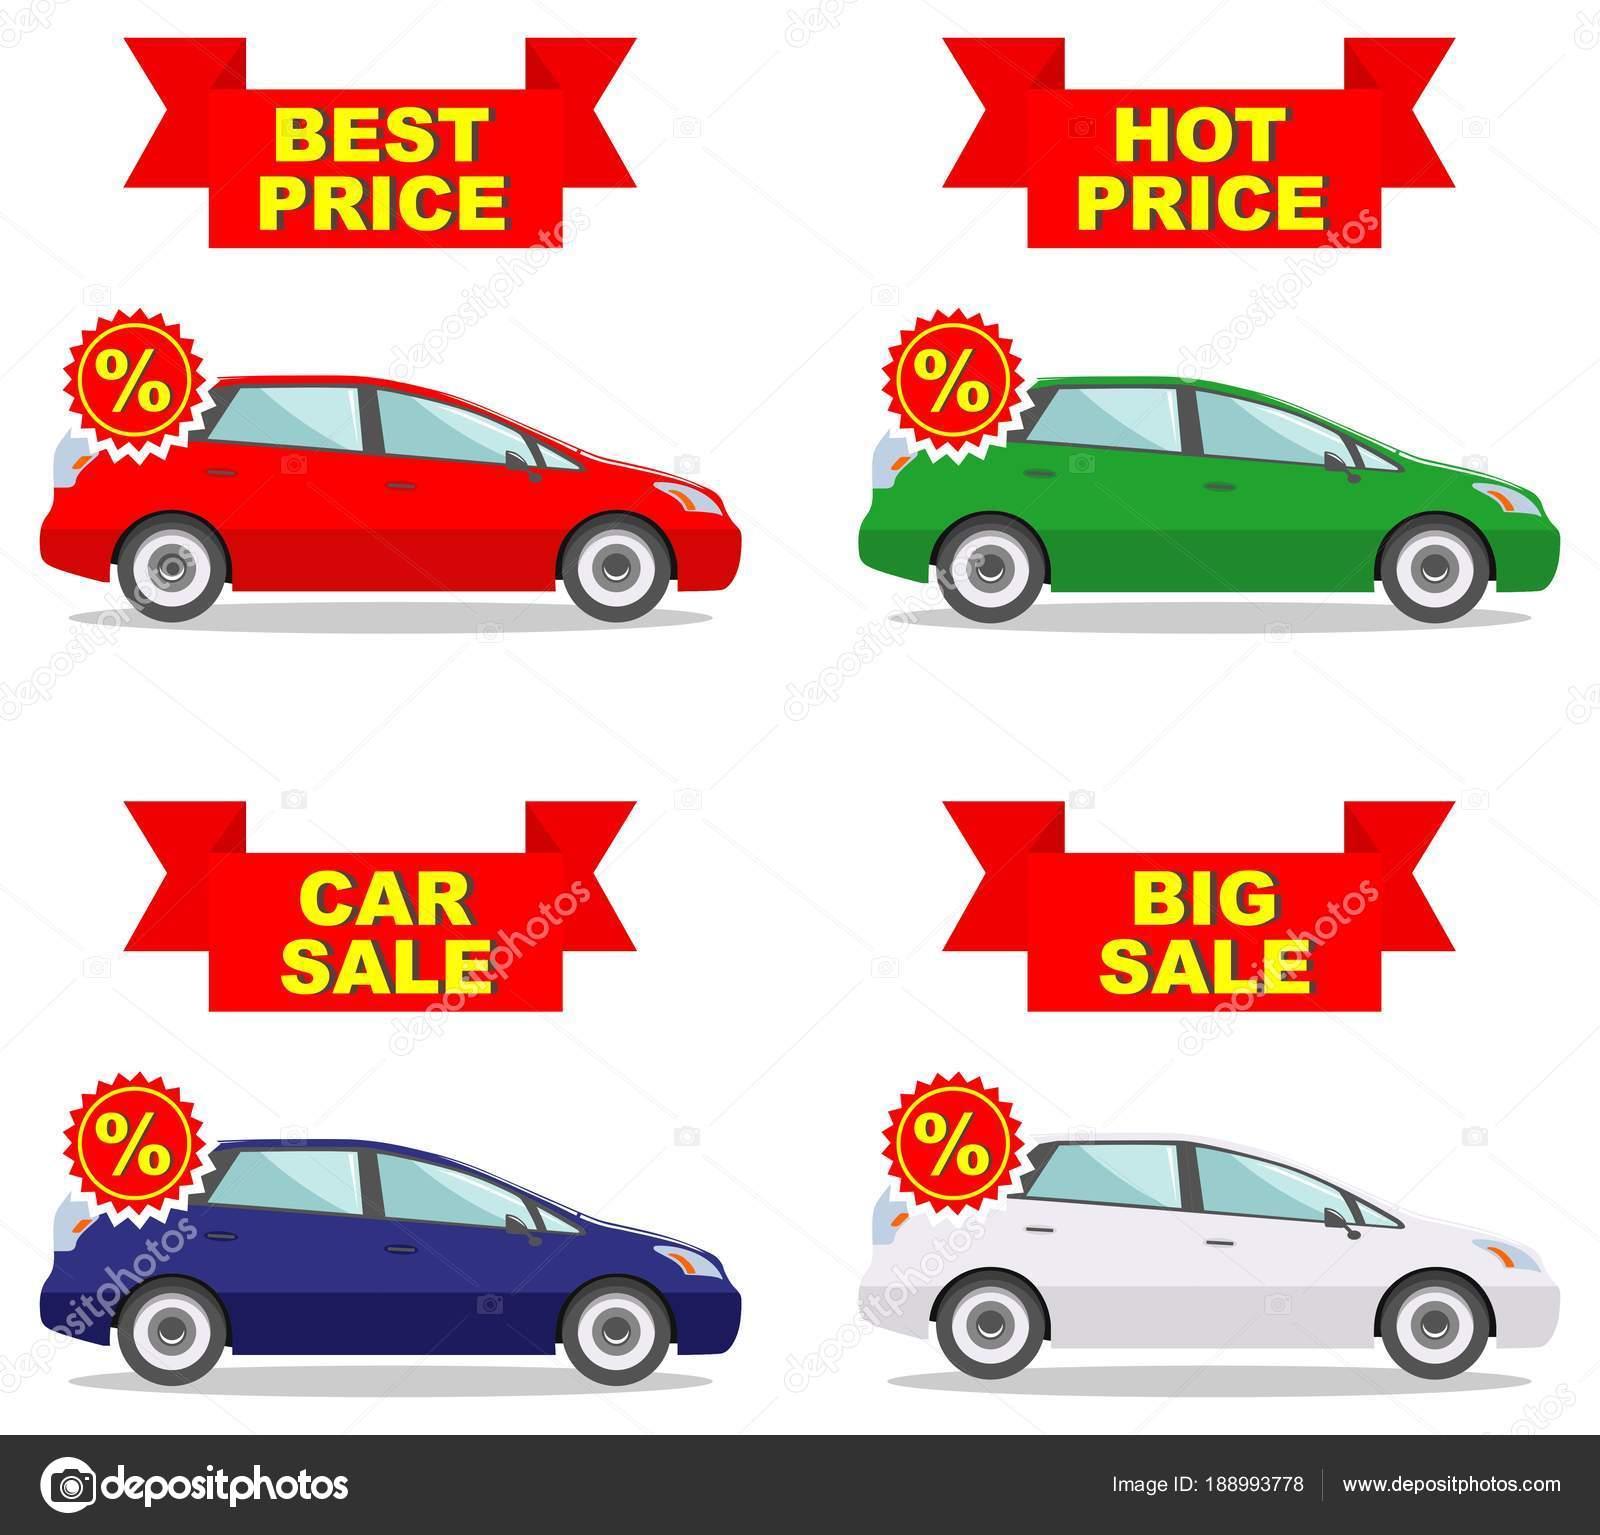 Auto Showroom Grote Verkoop Hete Prijs Set Van Korting Iconen